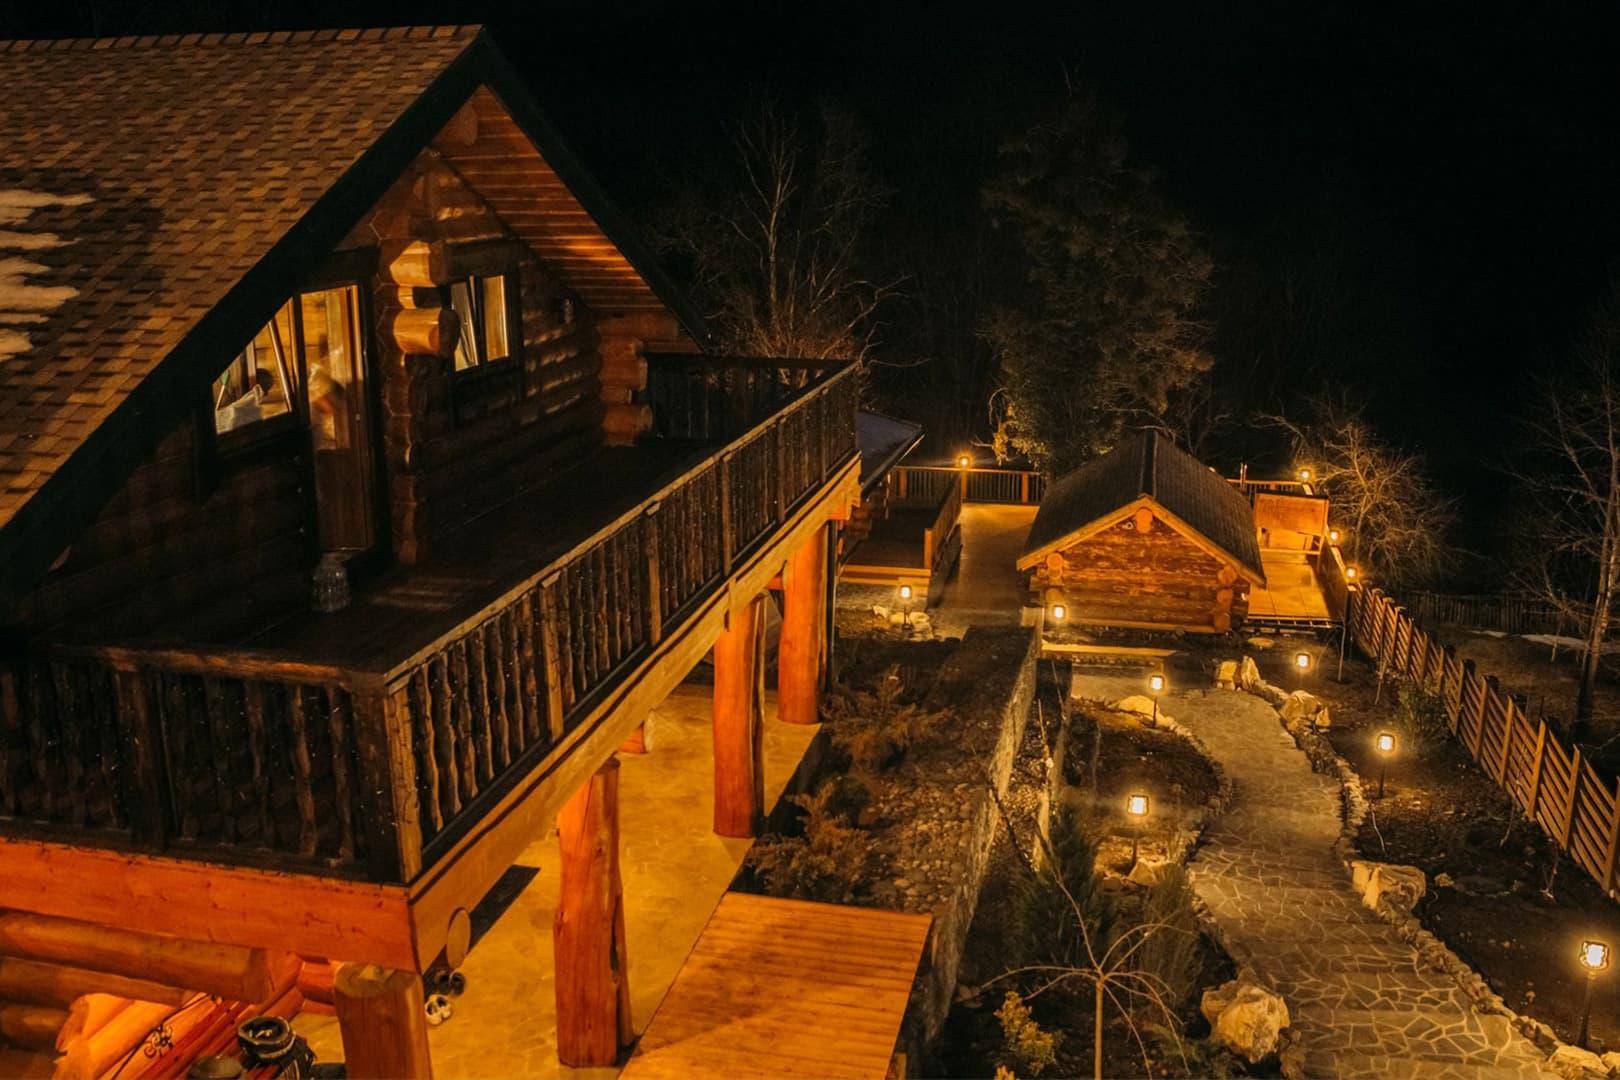 HILLS 1200 - премиальная горная резиденция в Медовеевке